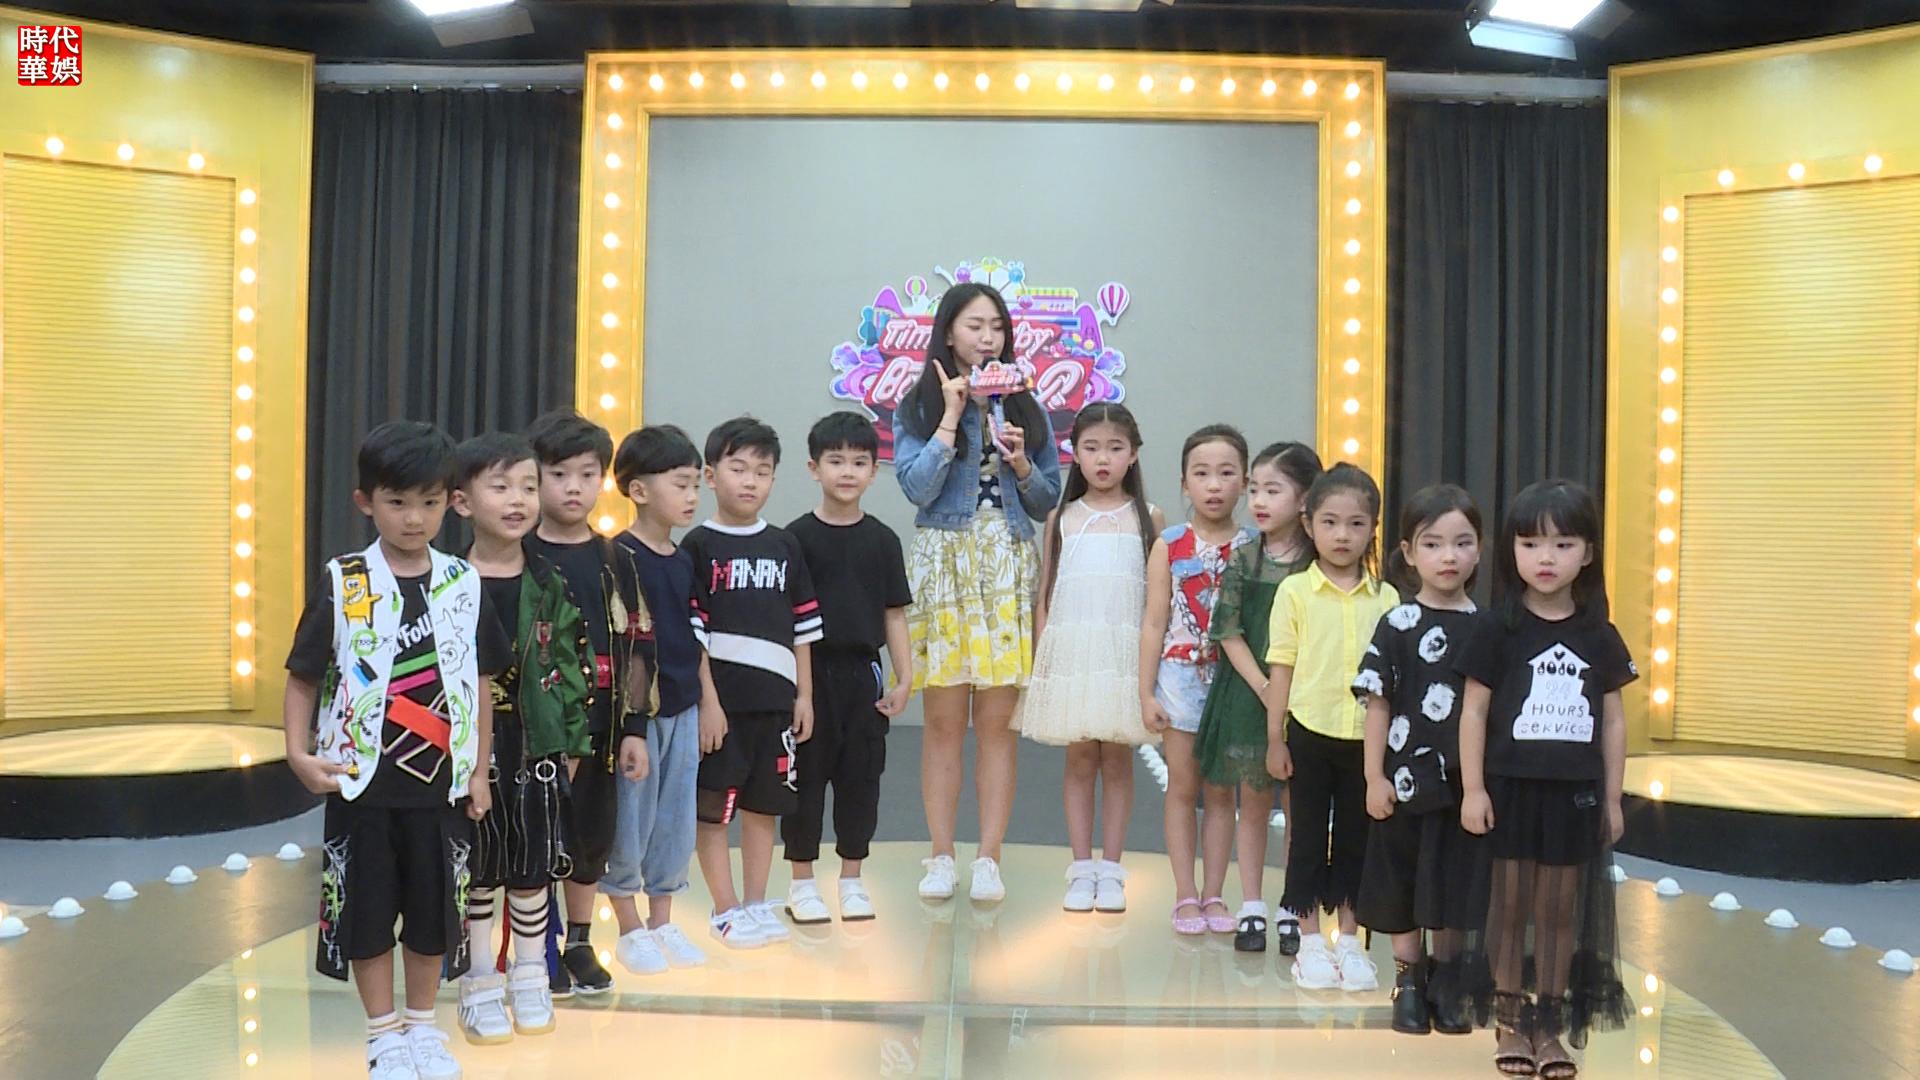 深圳市时代华娱少儿栏目《时代宝贝》提醒广大父母,保护孩子的视力,除了保持良好的用眼习惯,每天1—2小时的户外活动不能少